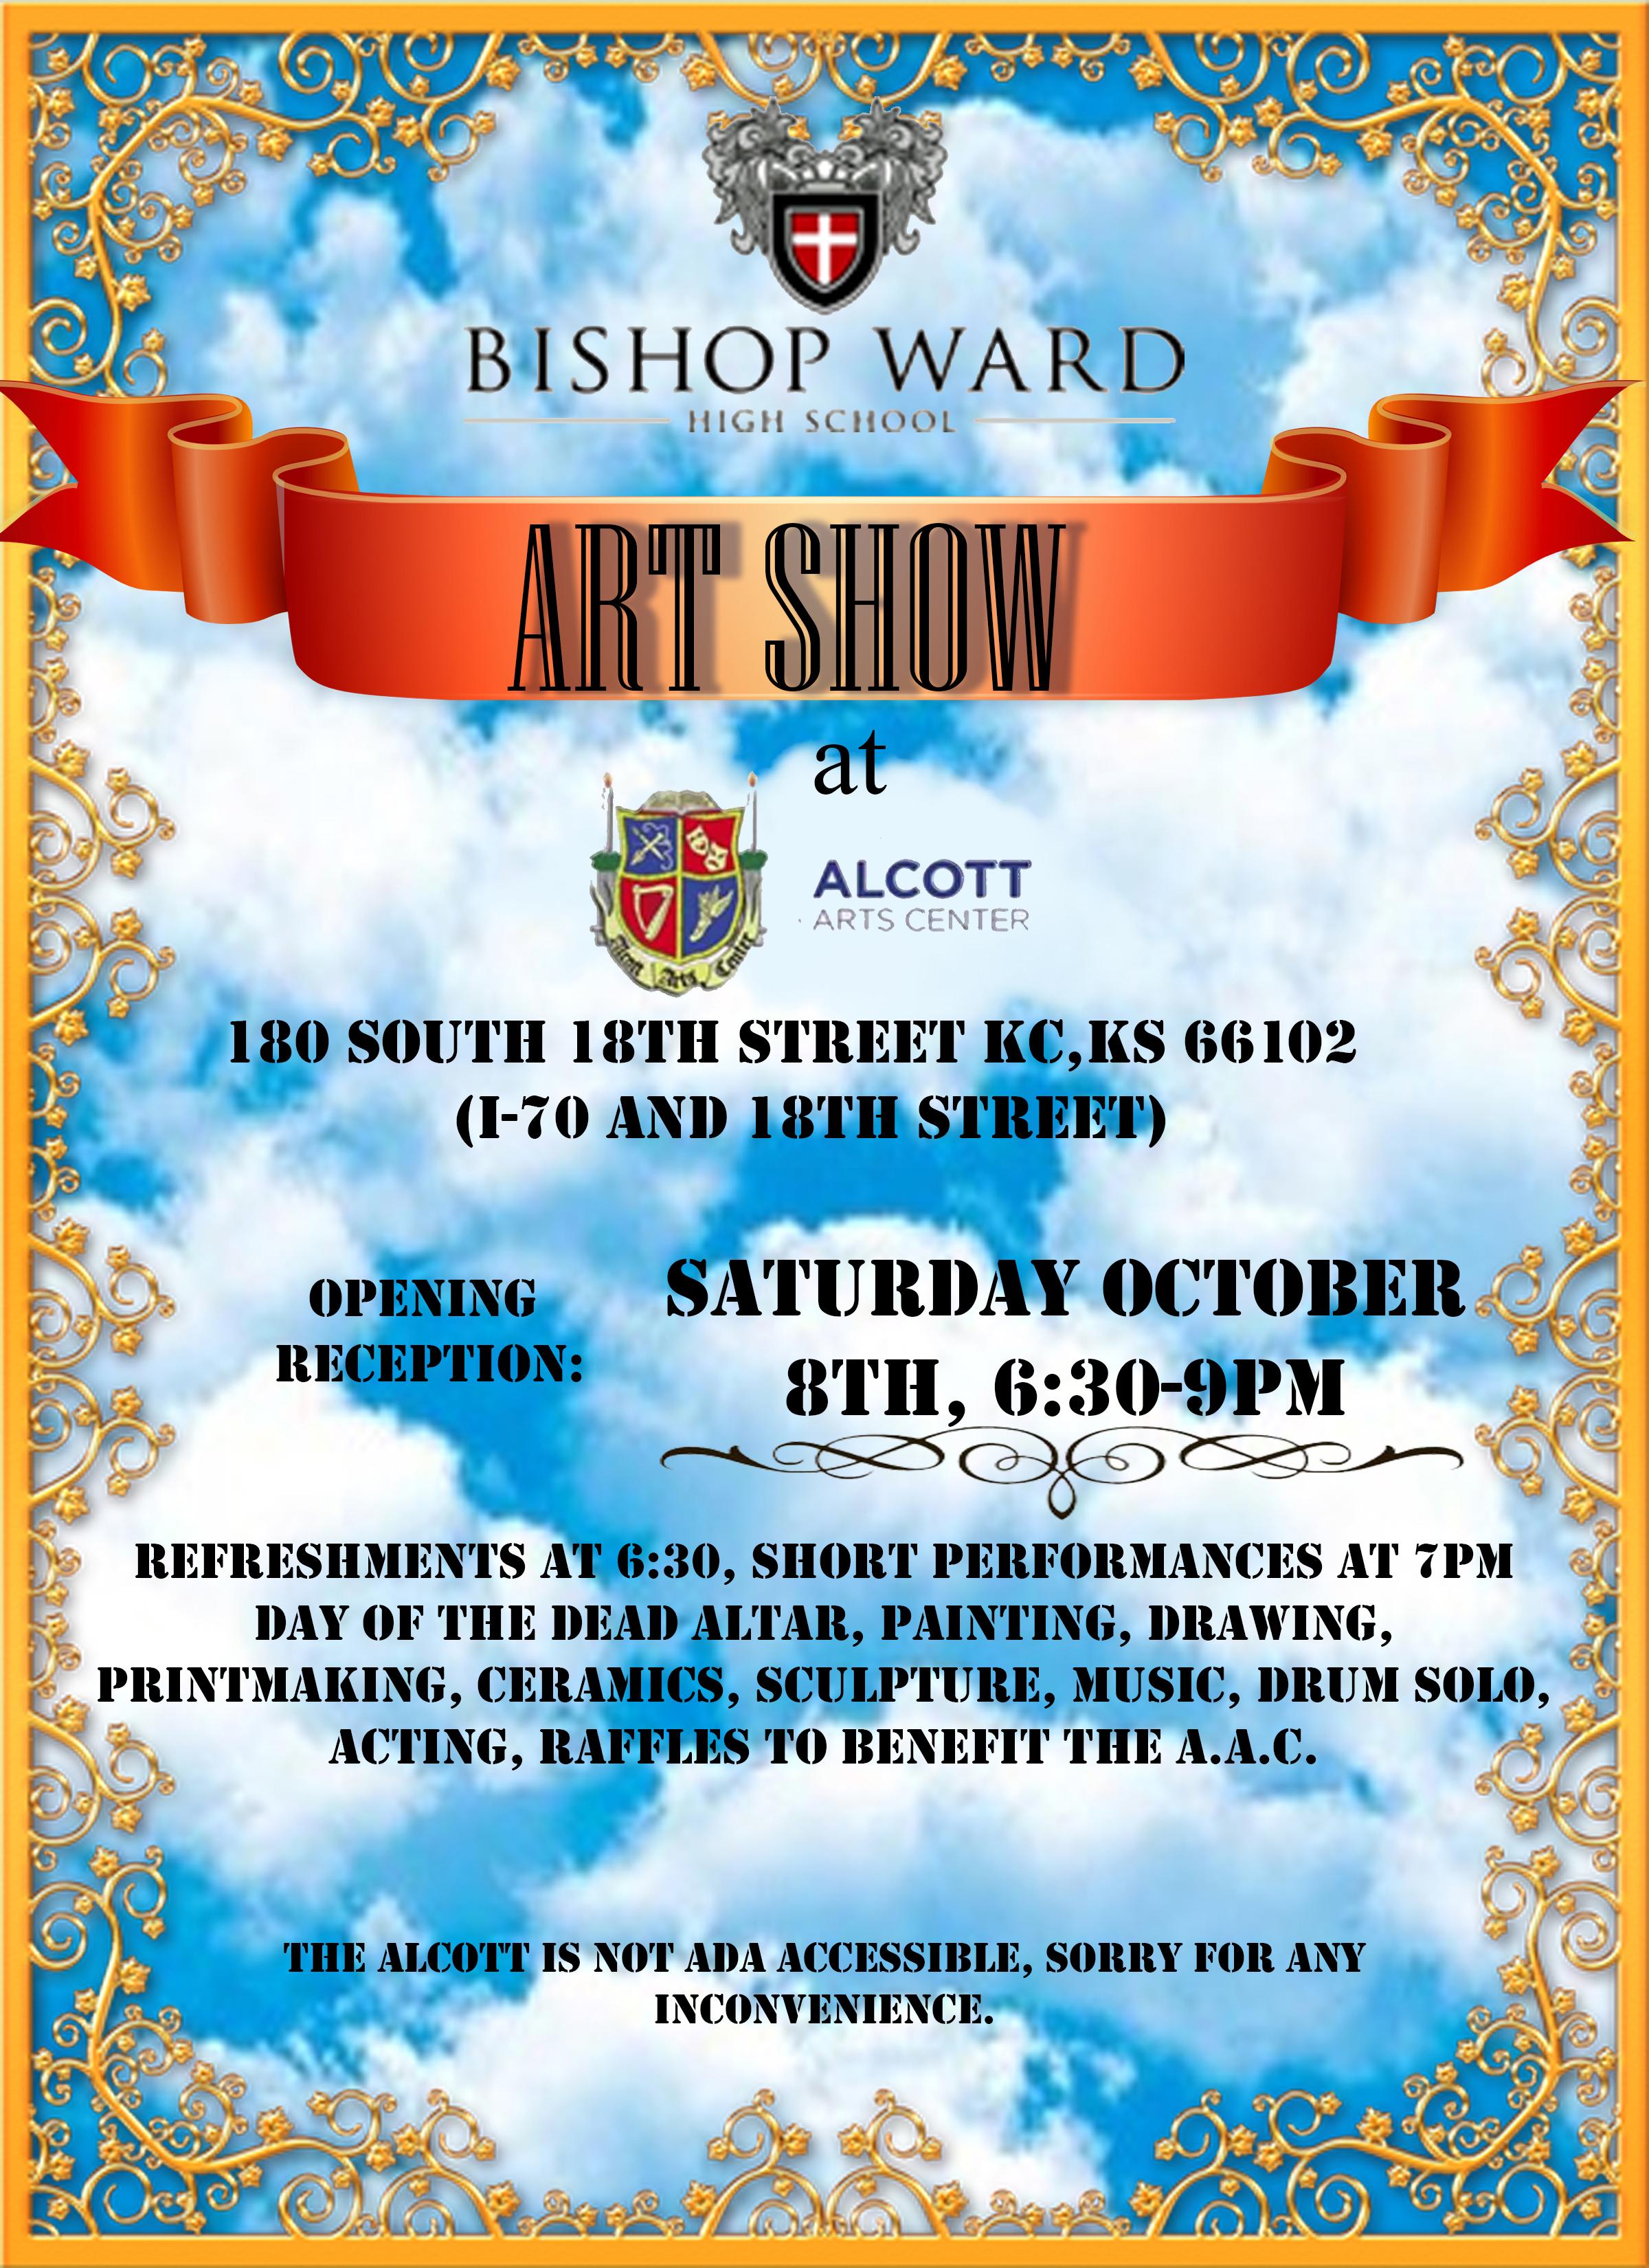 Bishop Ward Art Show Poster 10-8-2016 .jpg